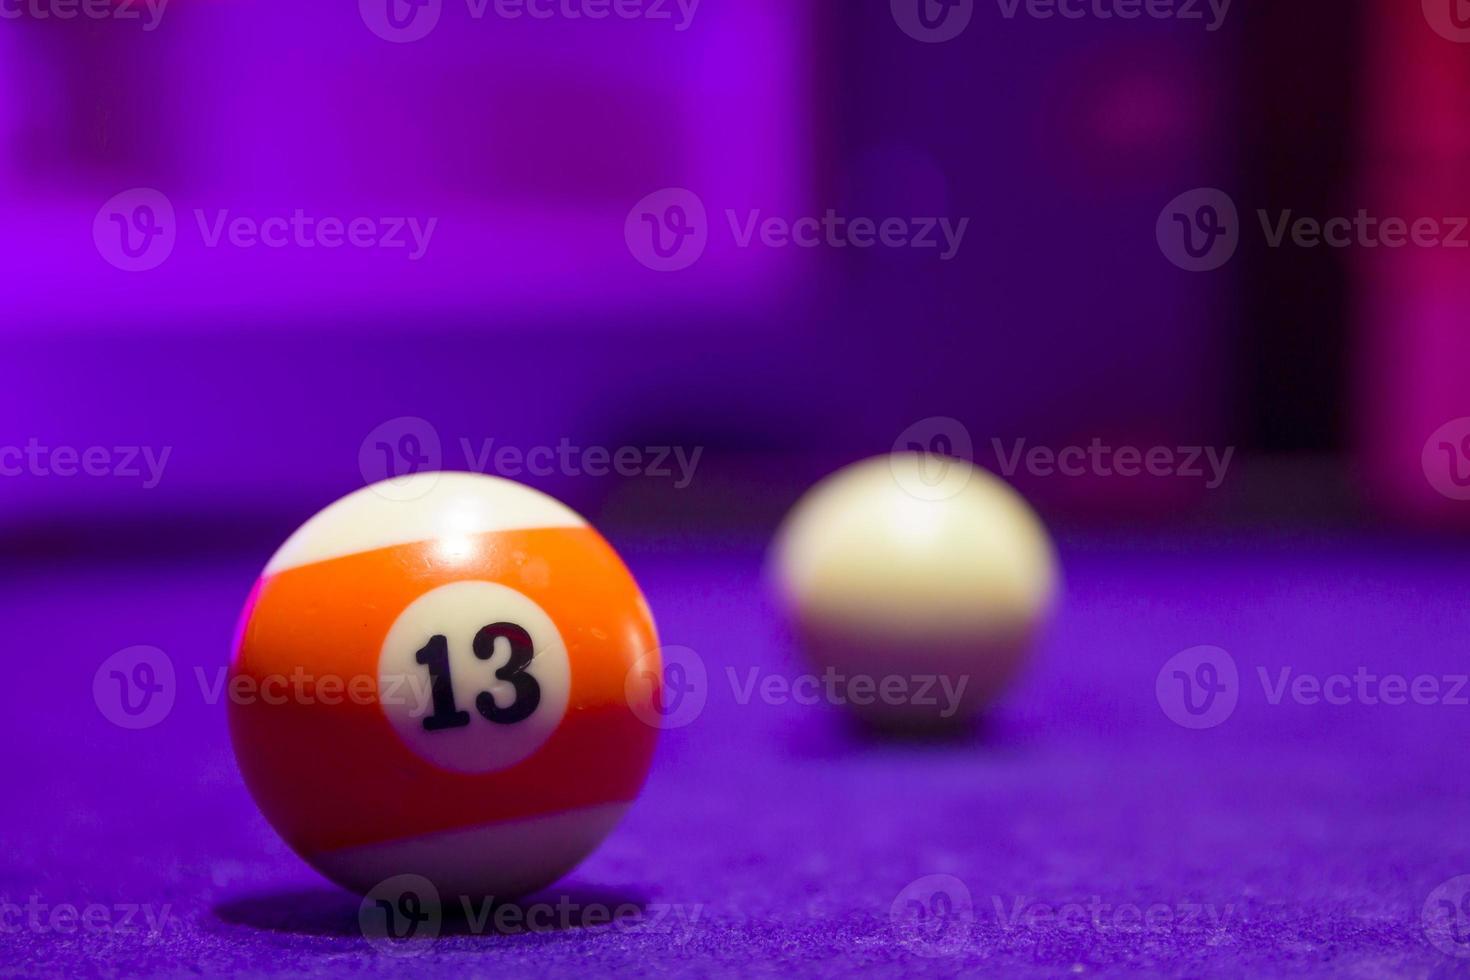 biljardbollar i ett biljardbord foto